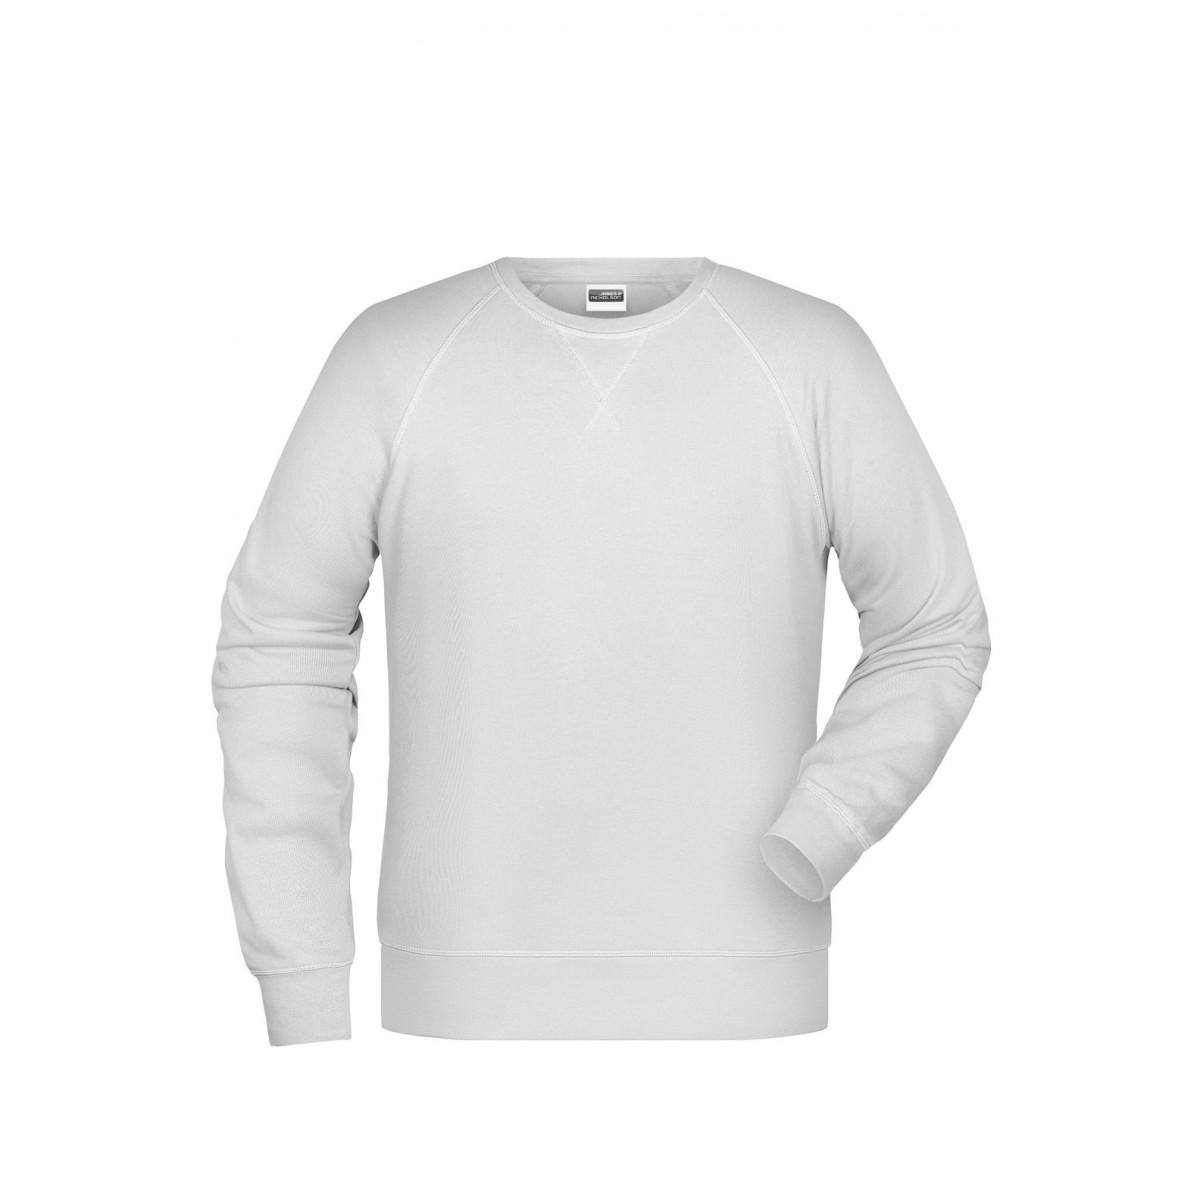 Толстовка мужская 8022 Men´s Sweat - Белый